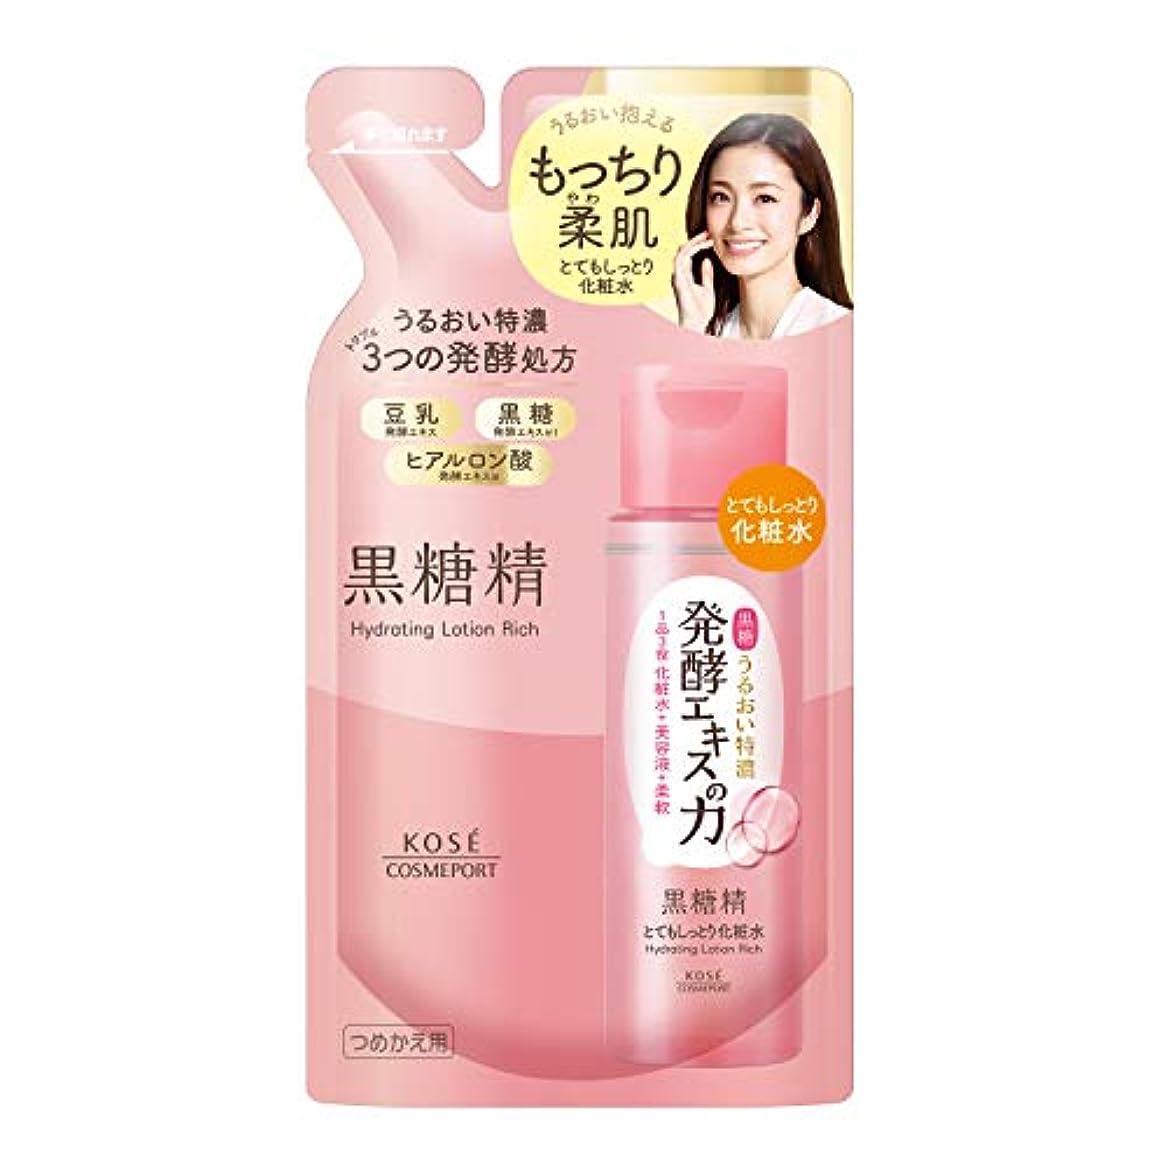 勤勉な始まりすきKOSE 黒糖精 とてもしっとり化粧水 つめかえ 160mL